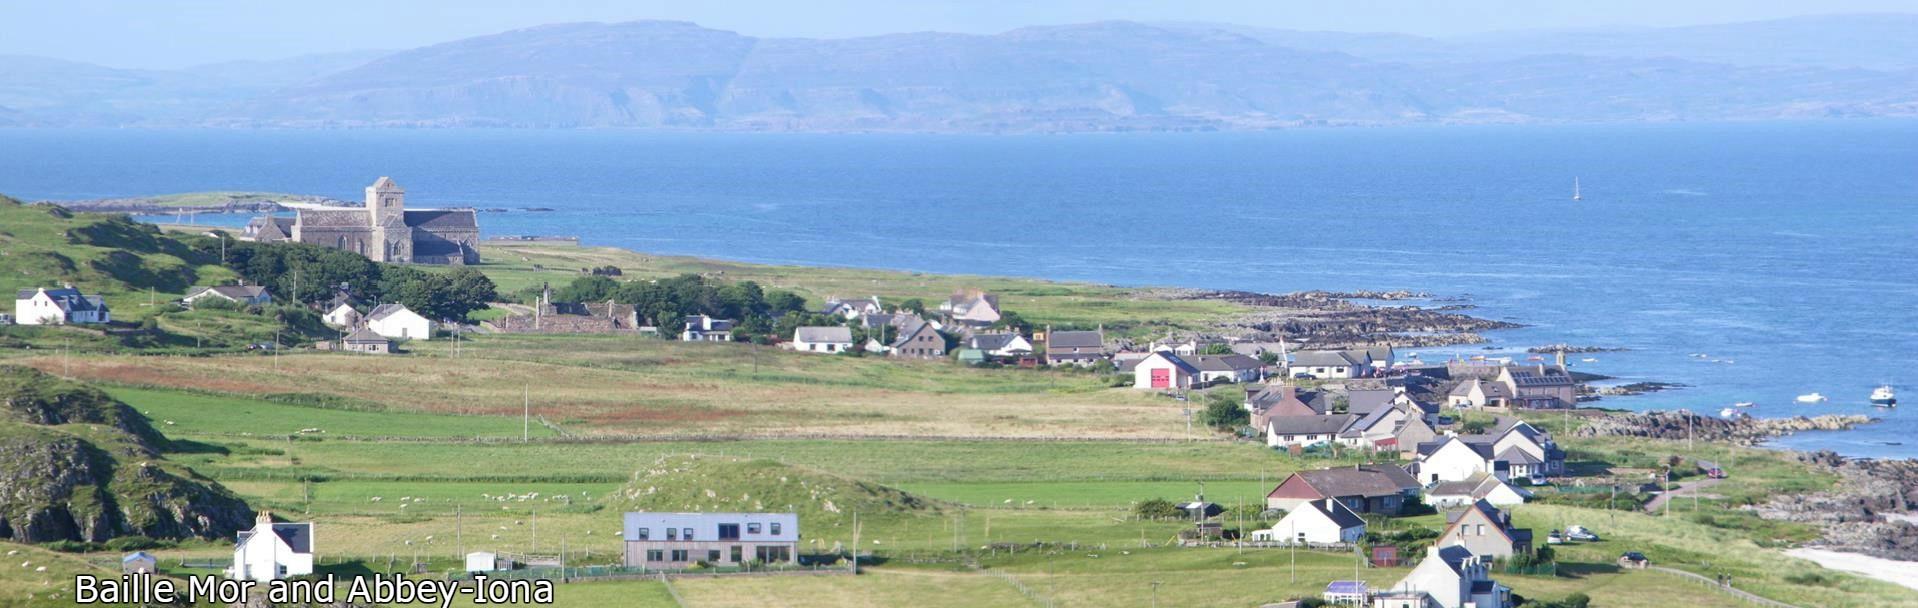 Baille Mor,Iona.Abbey,Isle of Iona